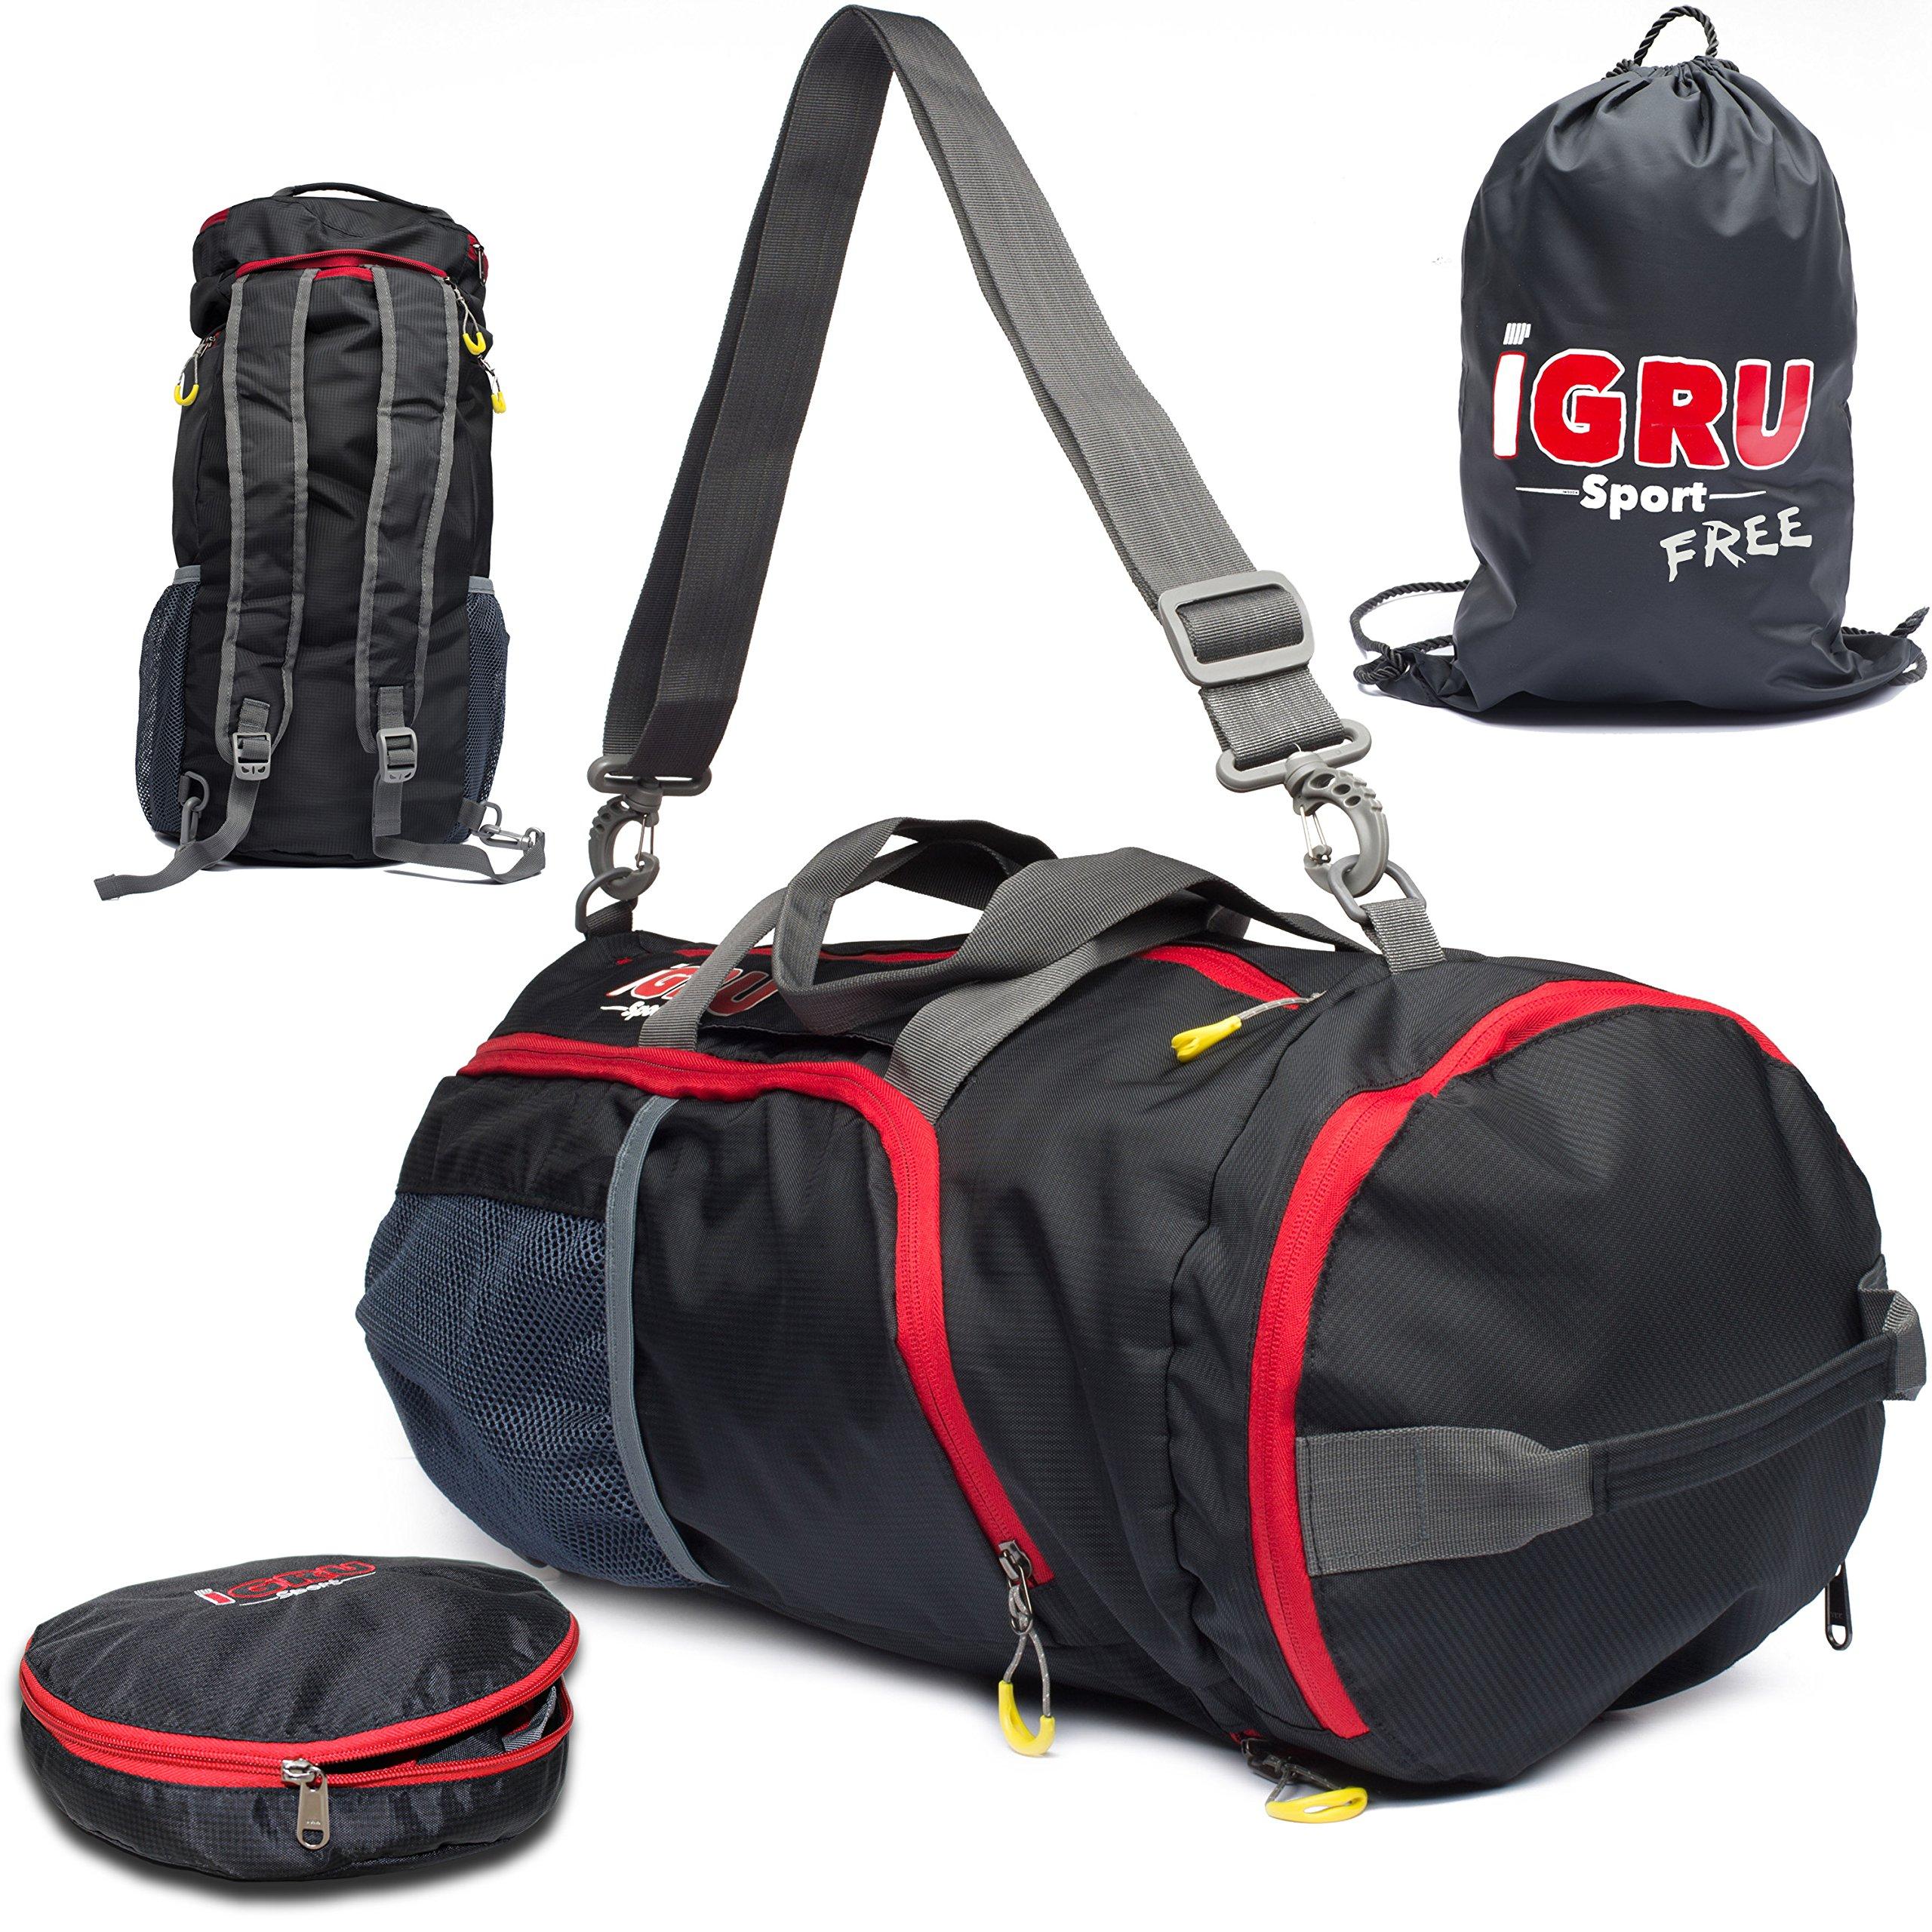 Workout Bag Accessories: Amazon.com